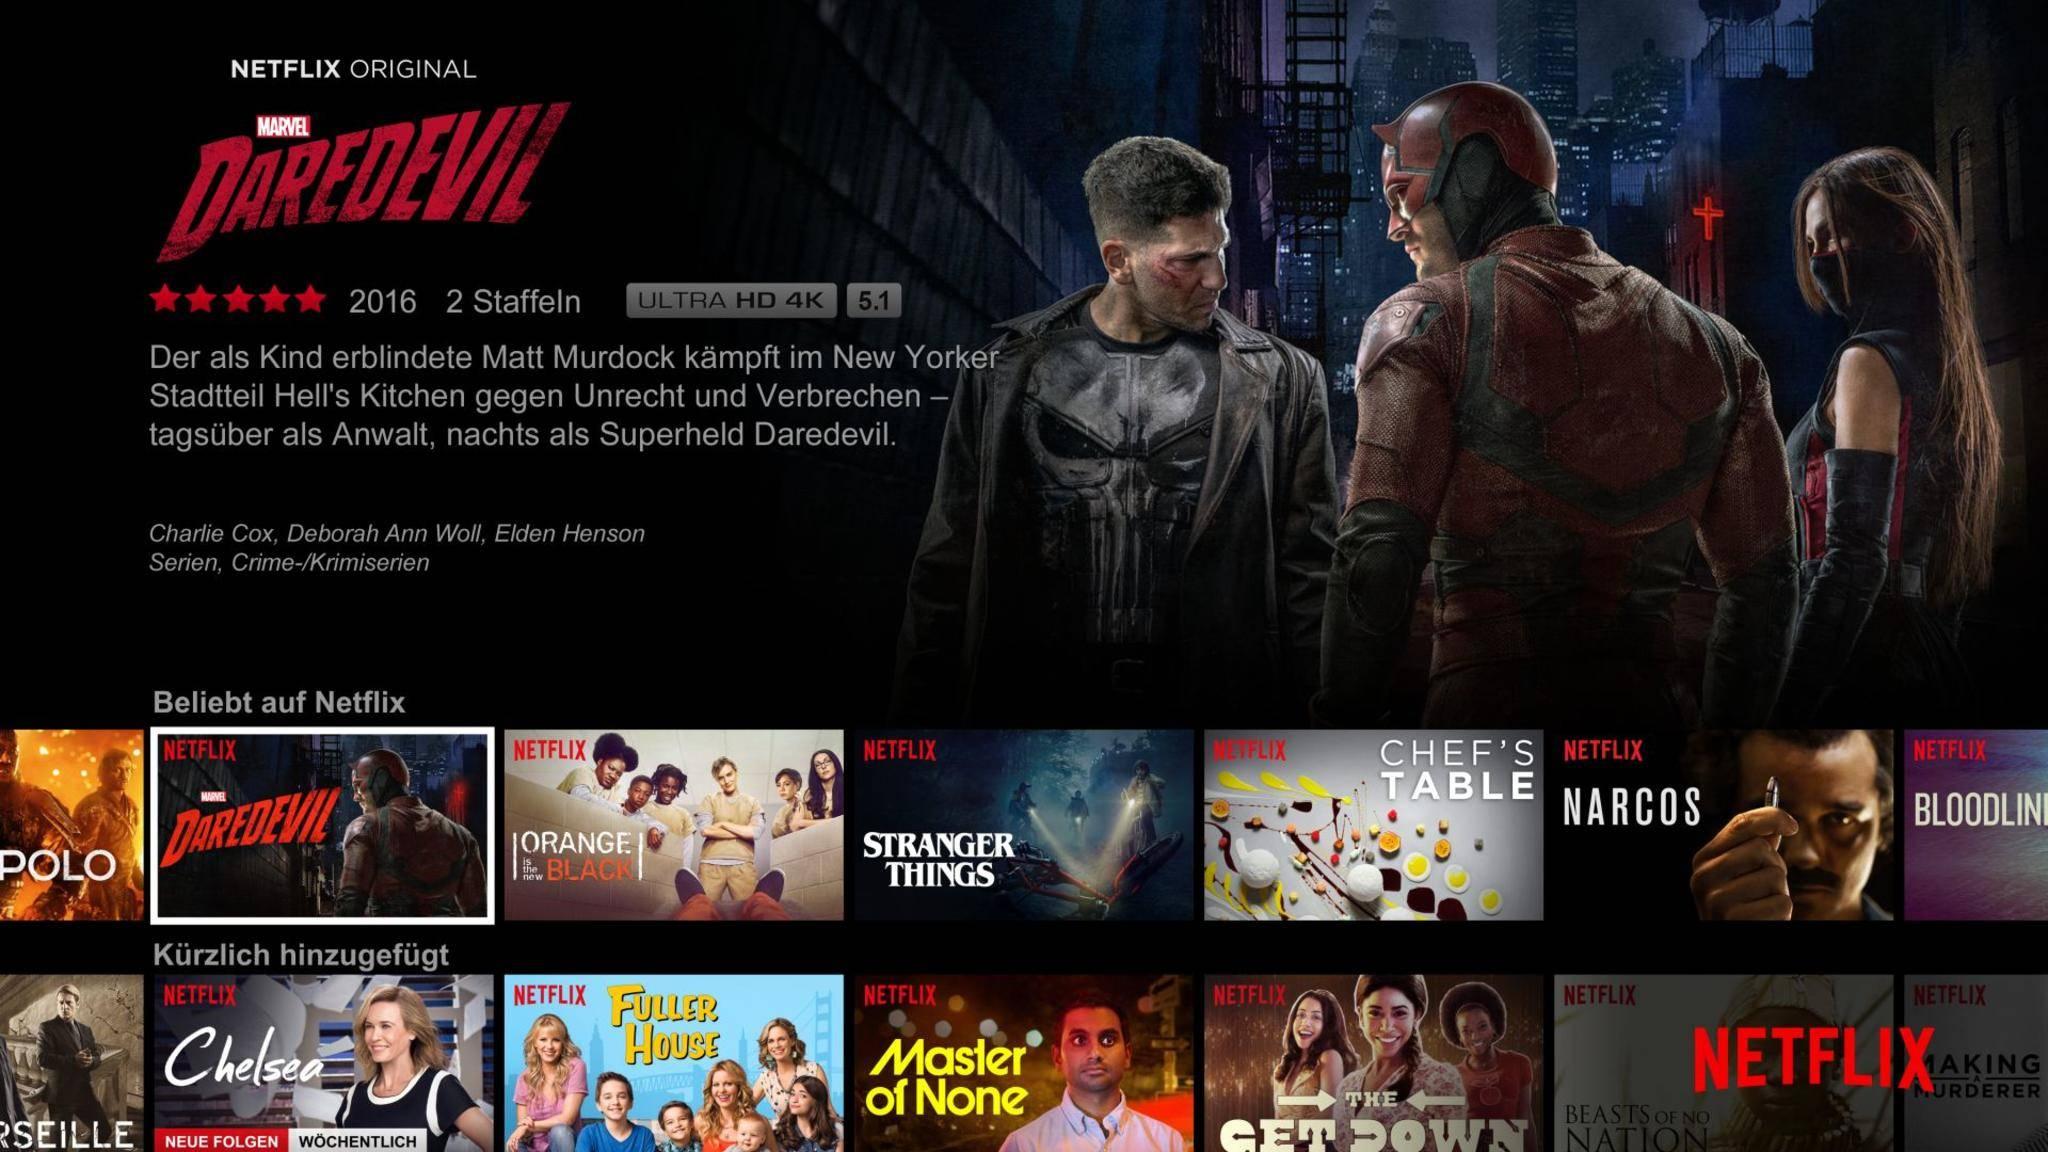 Praktisch für Mobil-Nutzer ohne Internetzugang: Der Streaminganbieter Netflix erweitert seinen Offline-Modus.